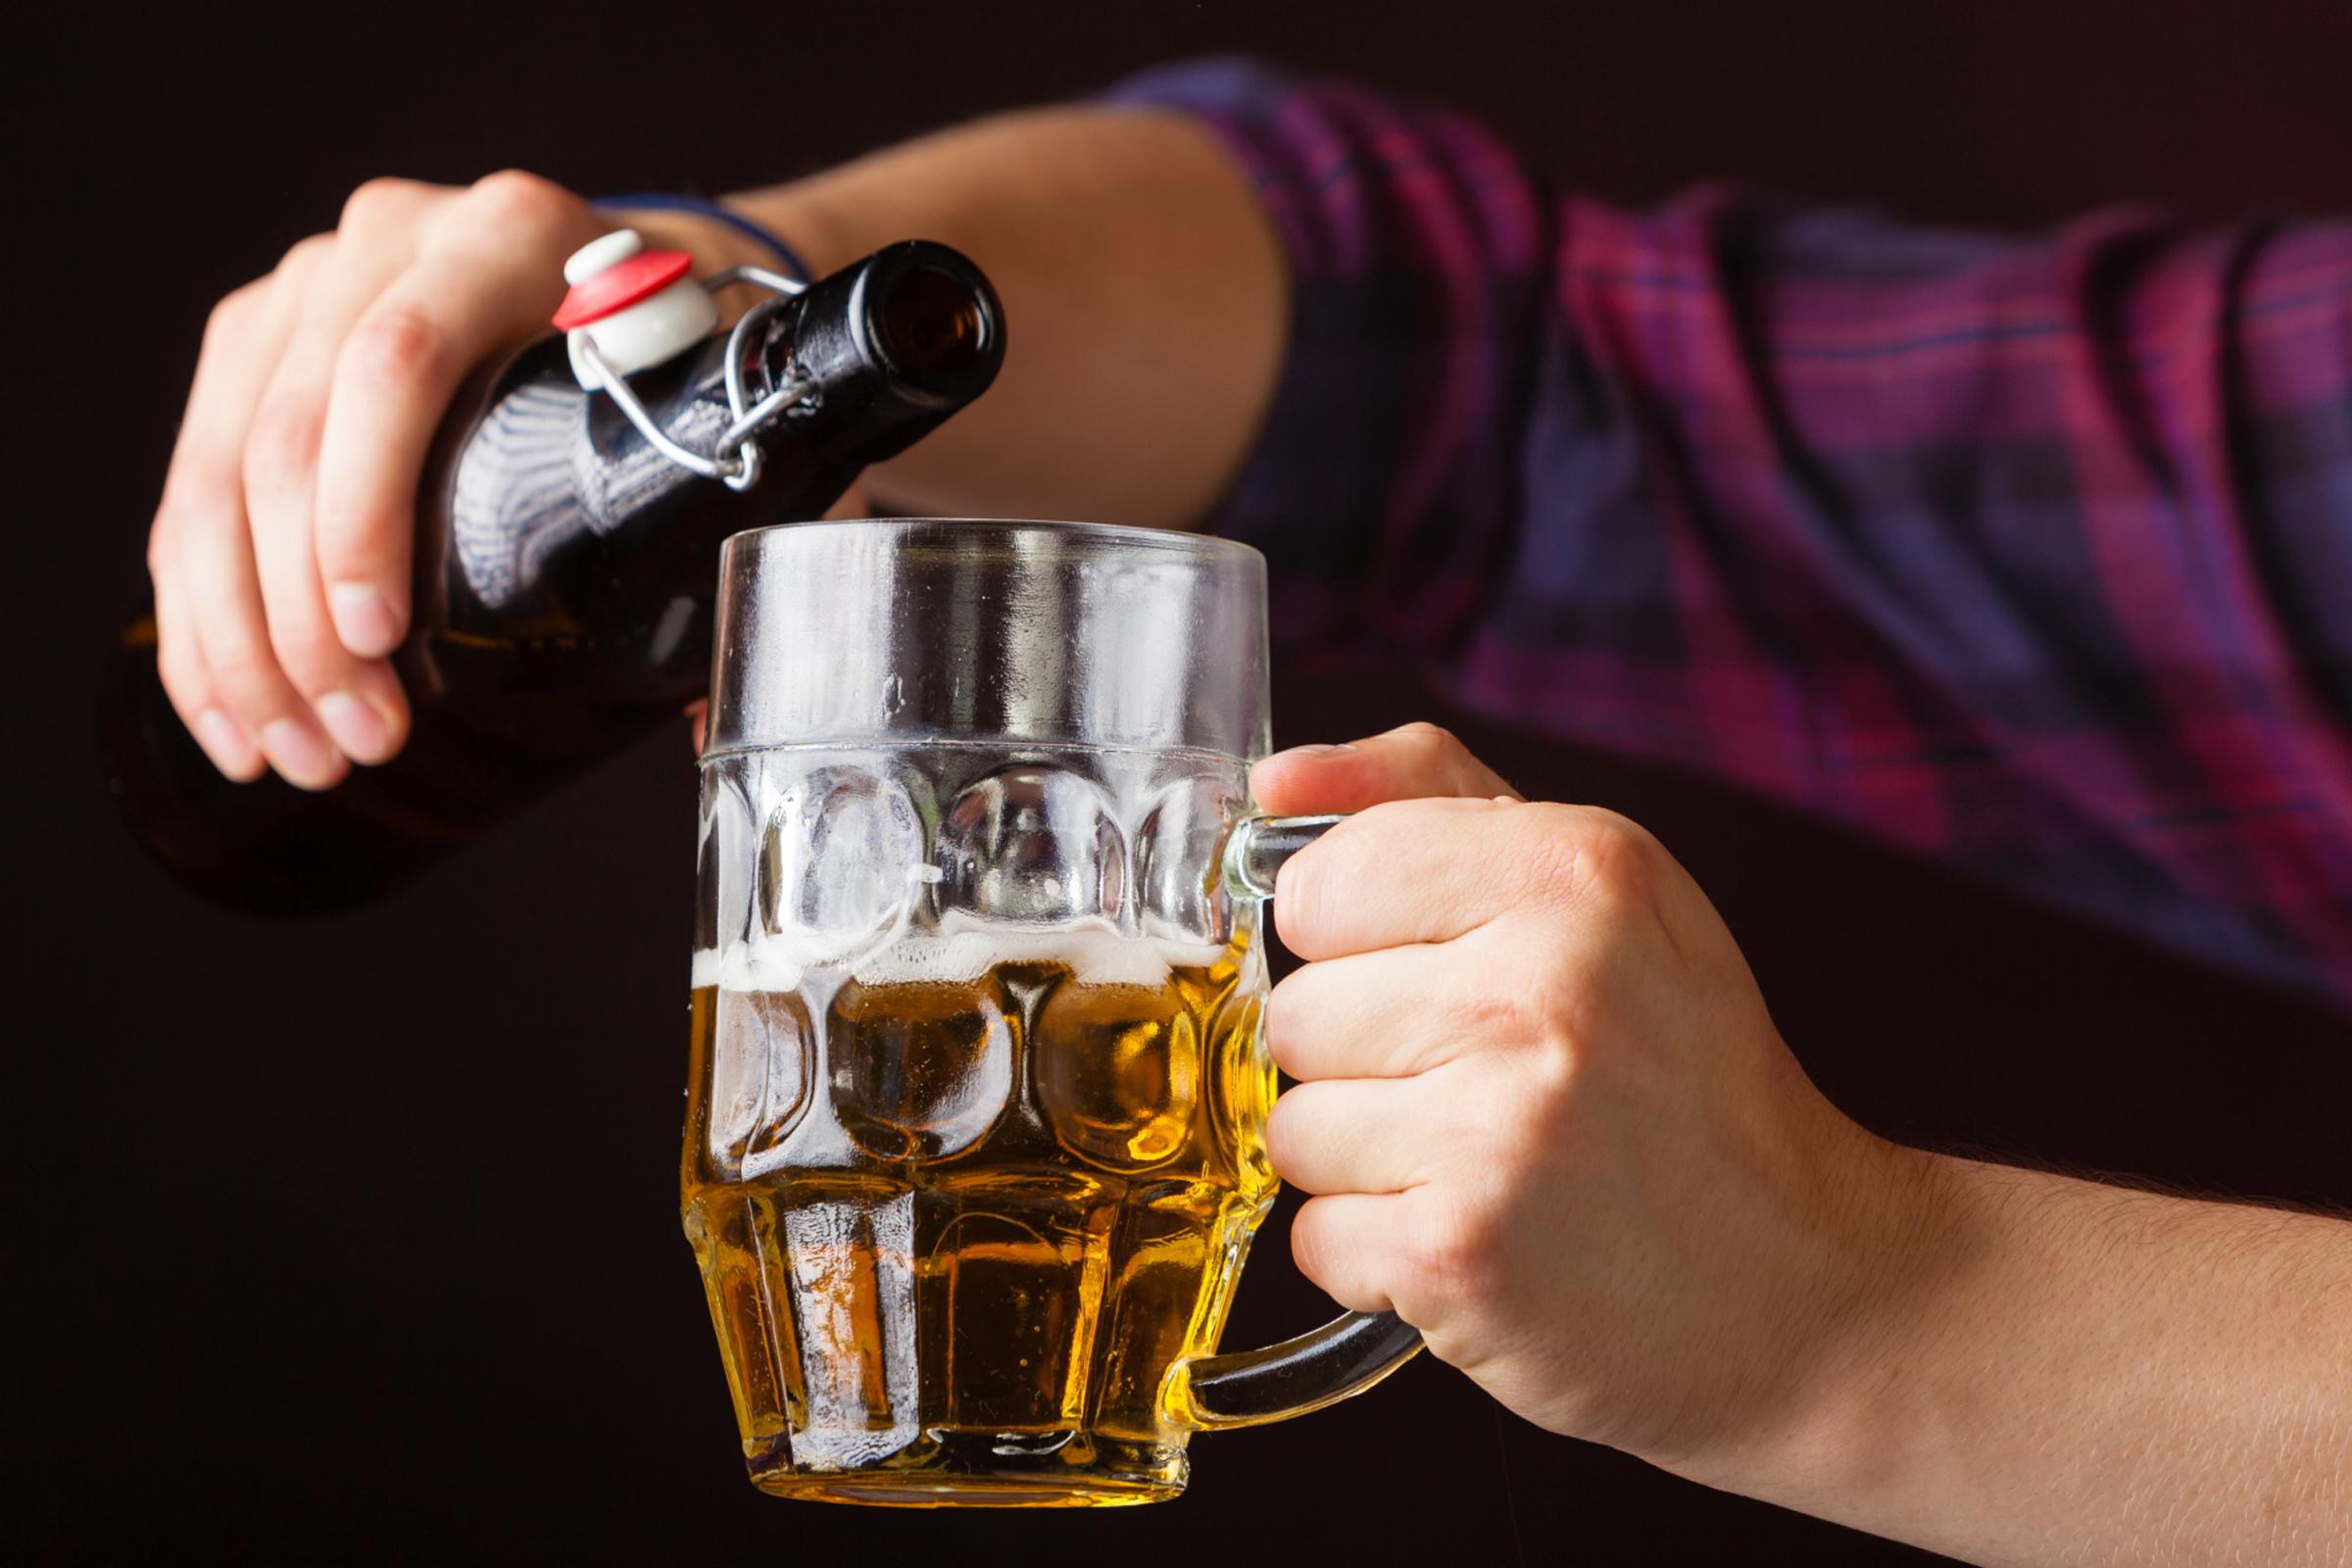 sör és erekció milyen péniszméretet szeret